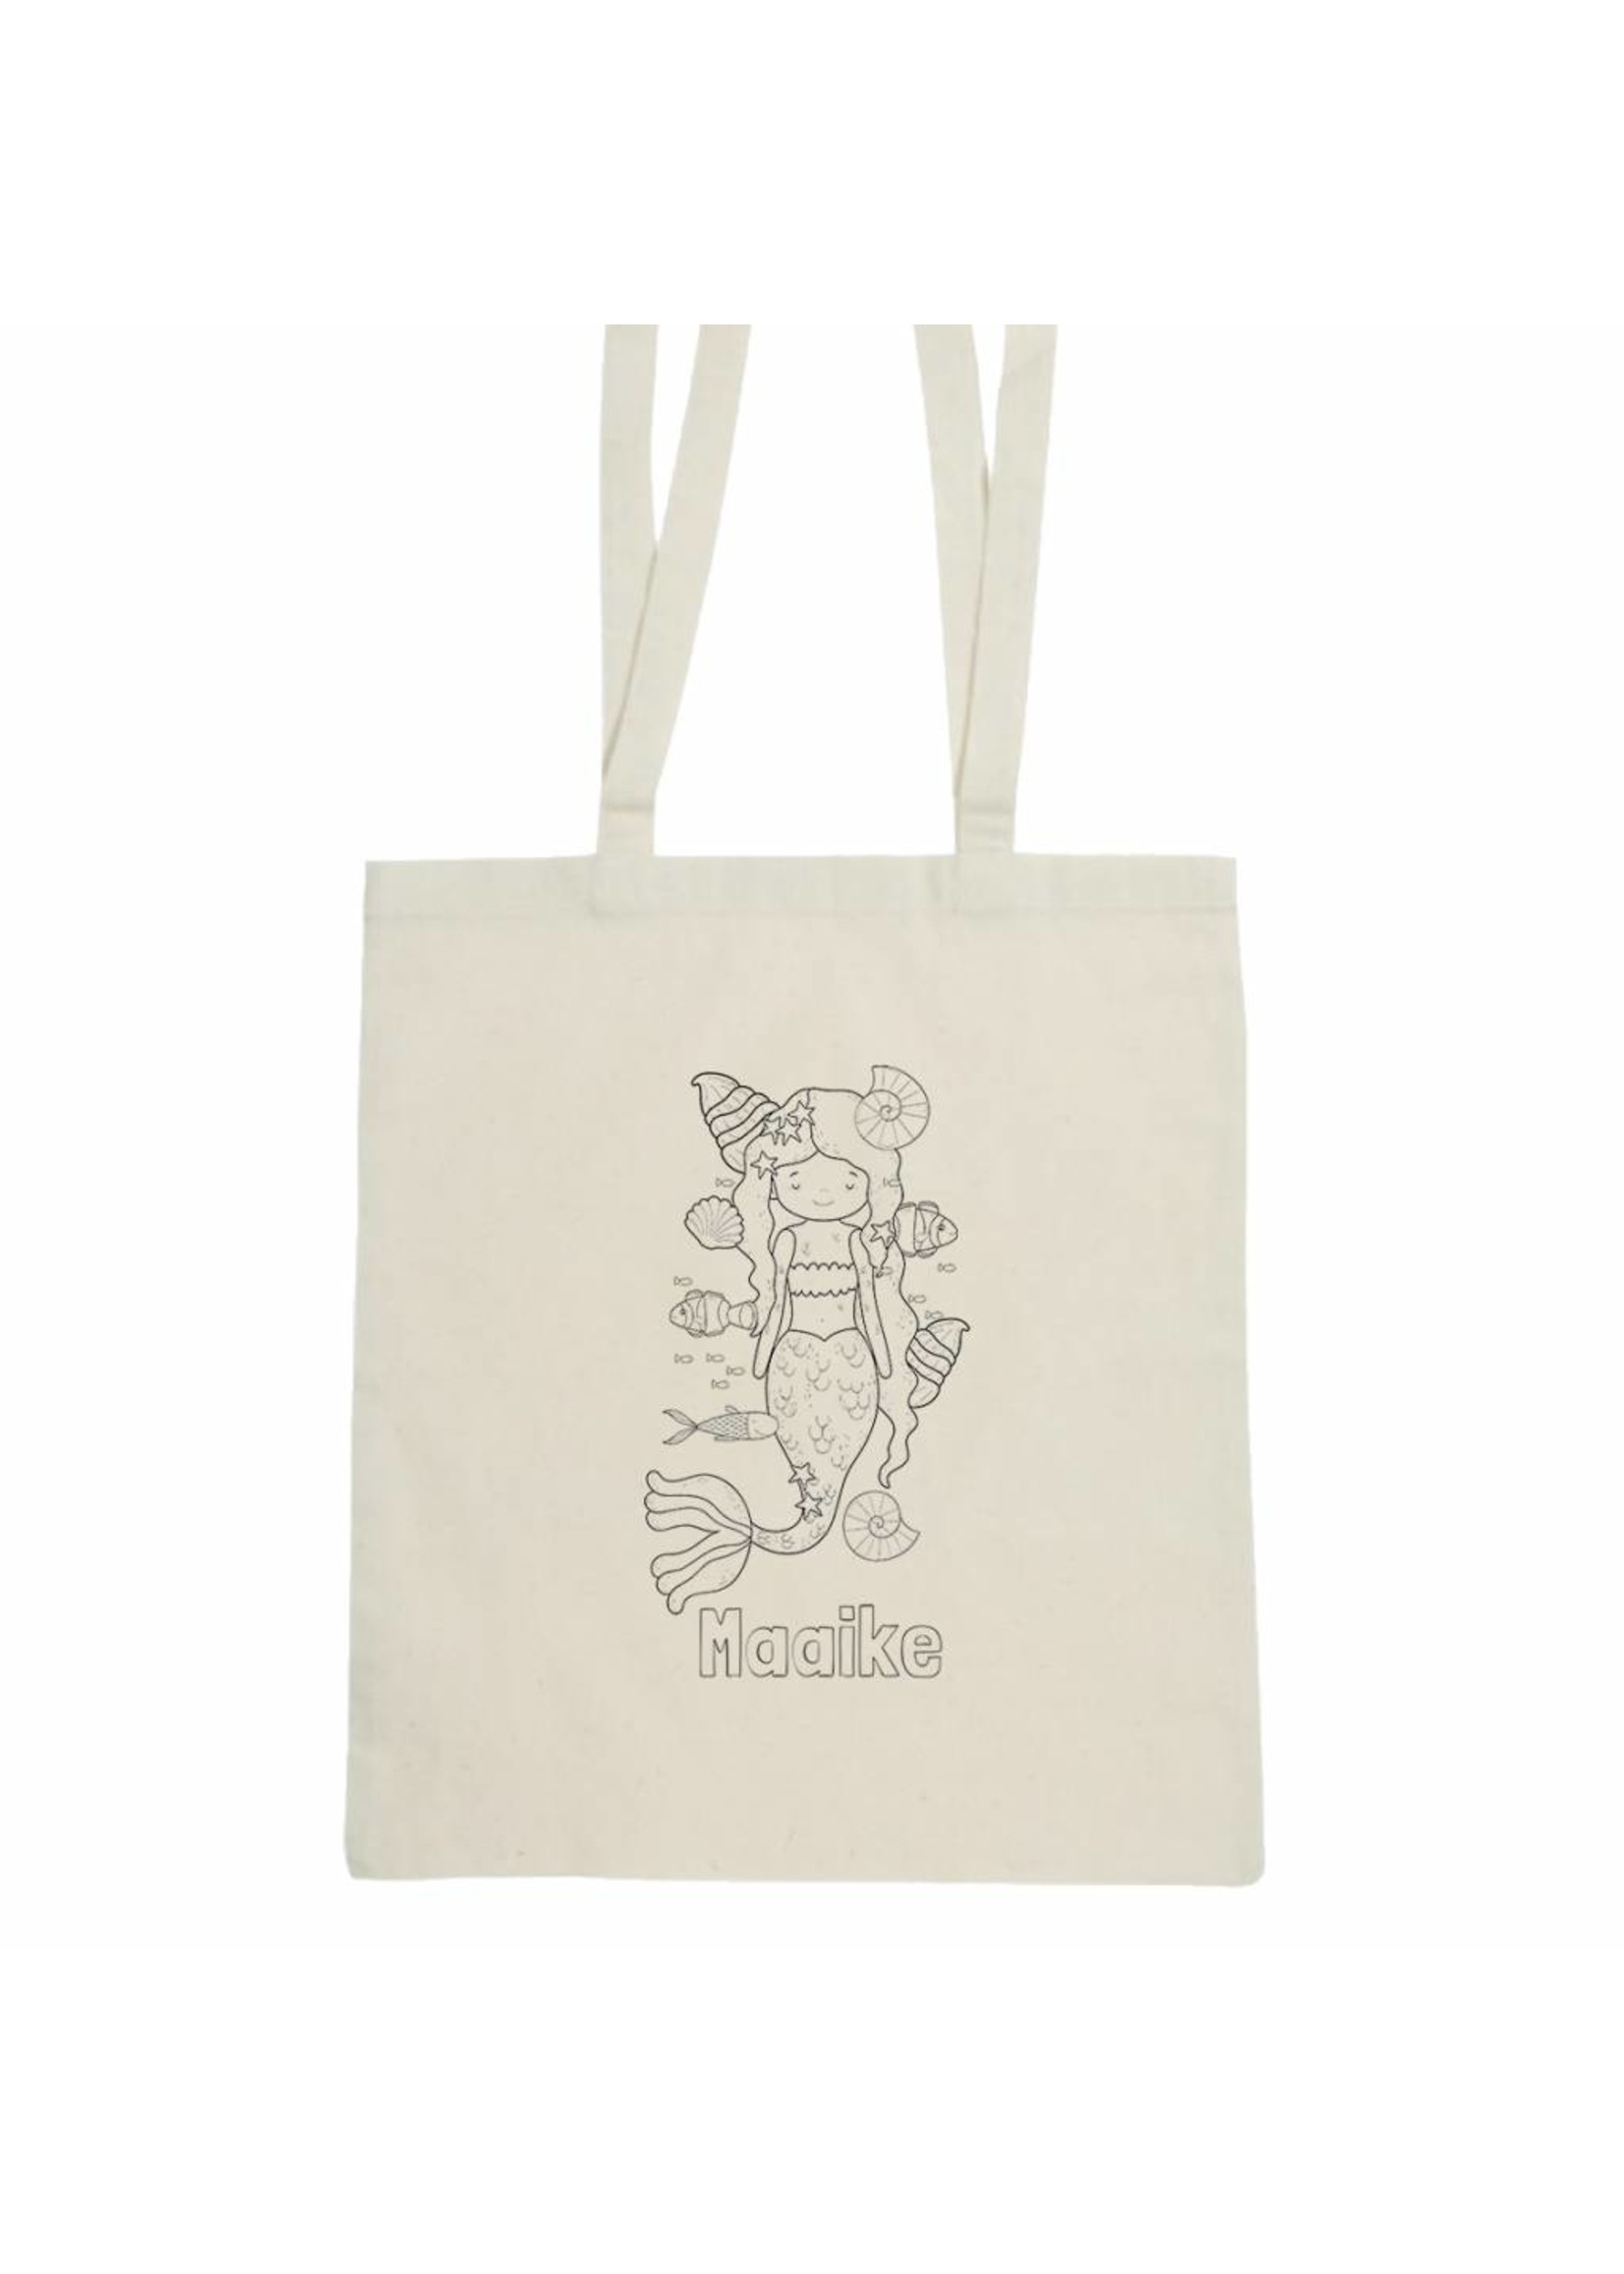 KleuKleur je eigen t-shirt met naam - zeemeerminr je eigen t-shirt met naam - aap en giraffe - Copy